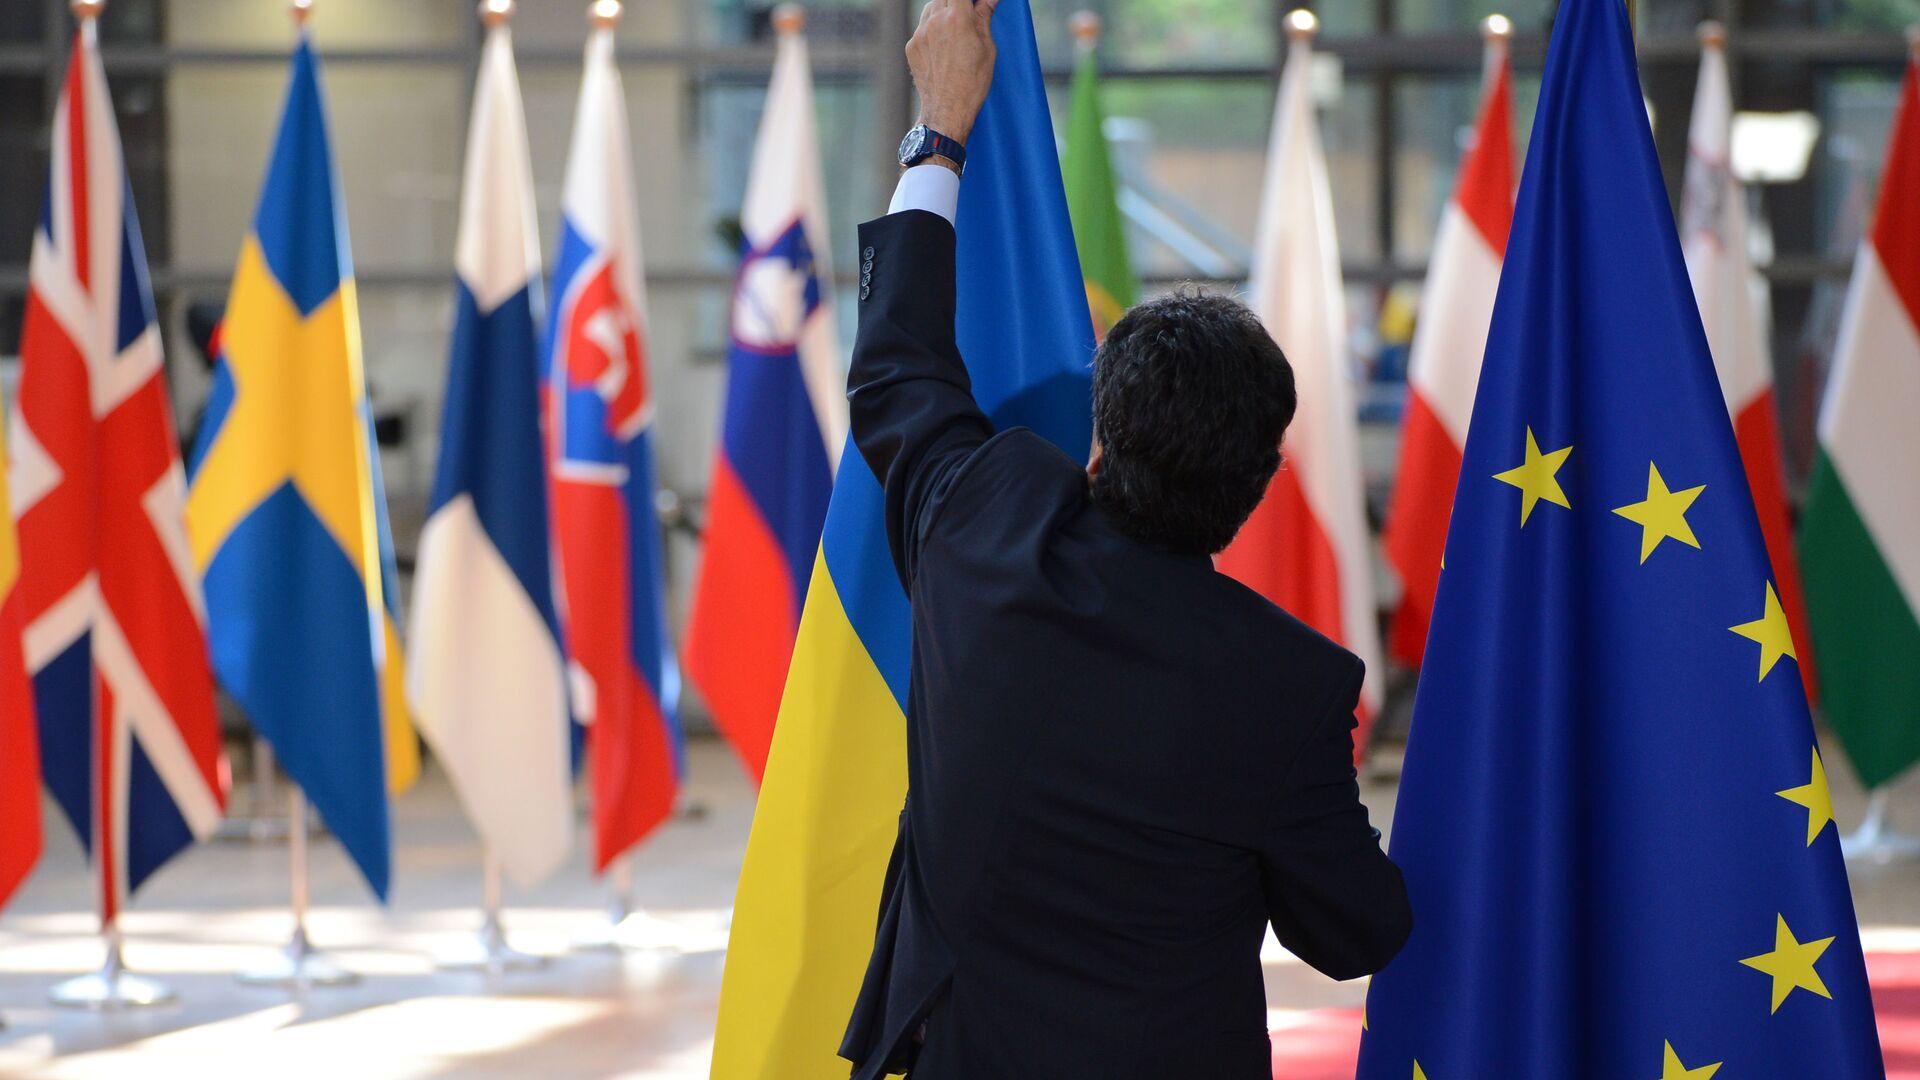 Флаги Украины и ЕС в Брюсселе - РИА Новости, 1920, 08.10.2020